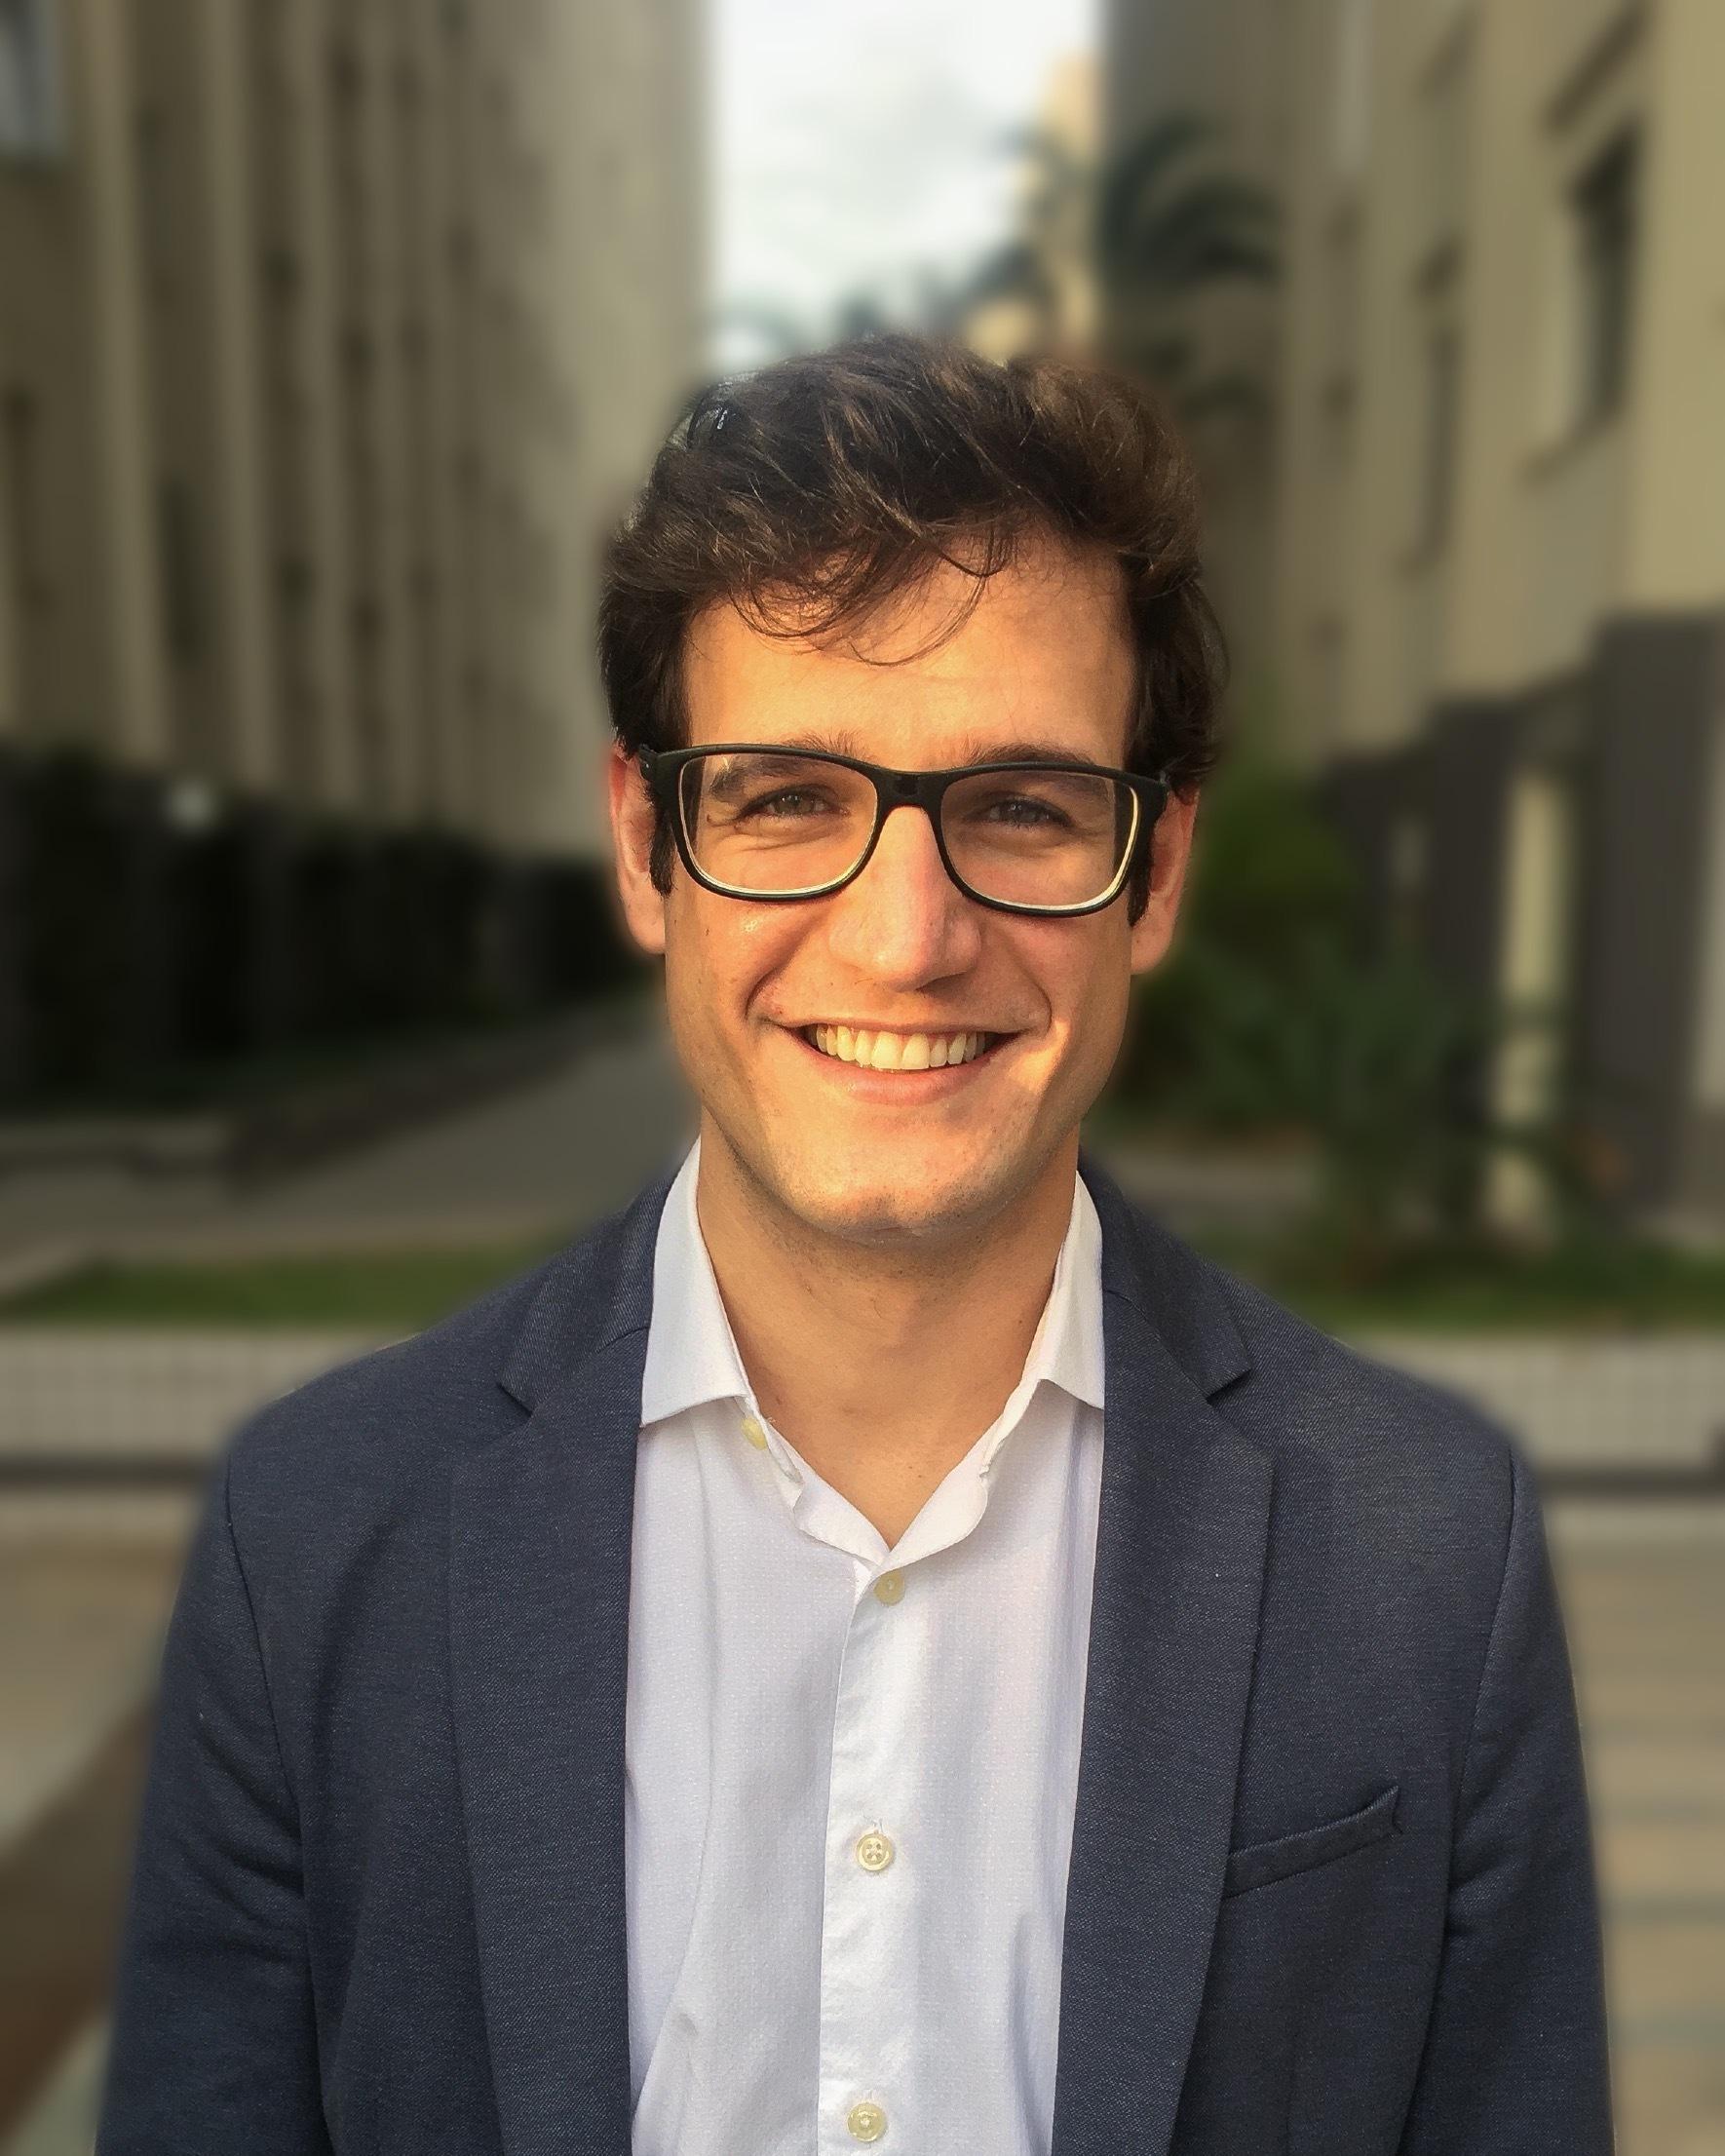 foto de um médico homem sorrindo